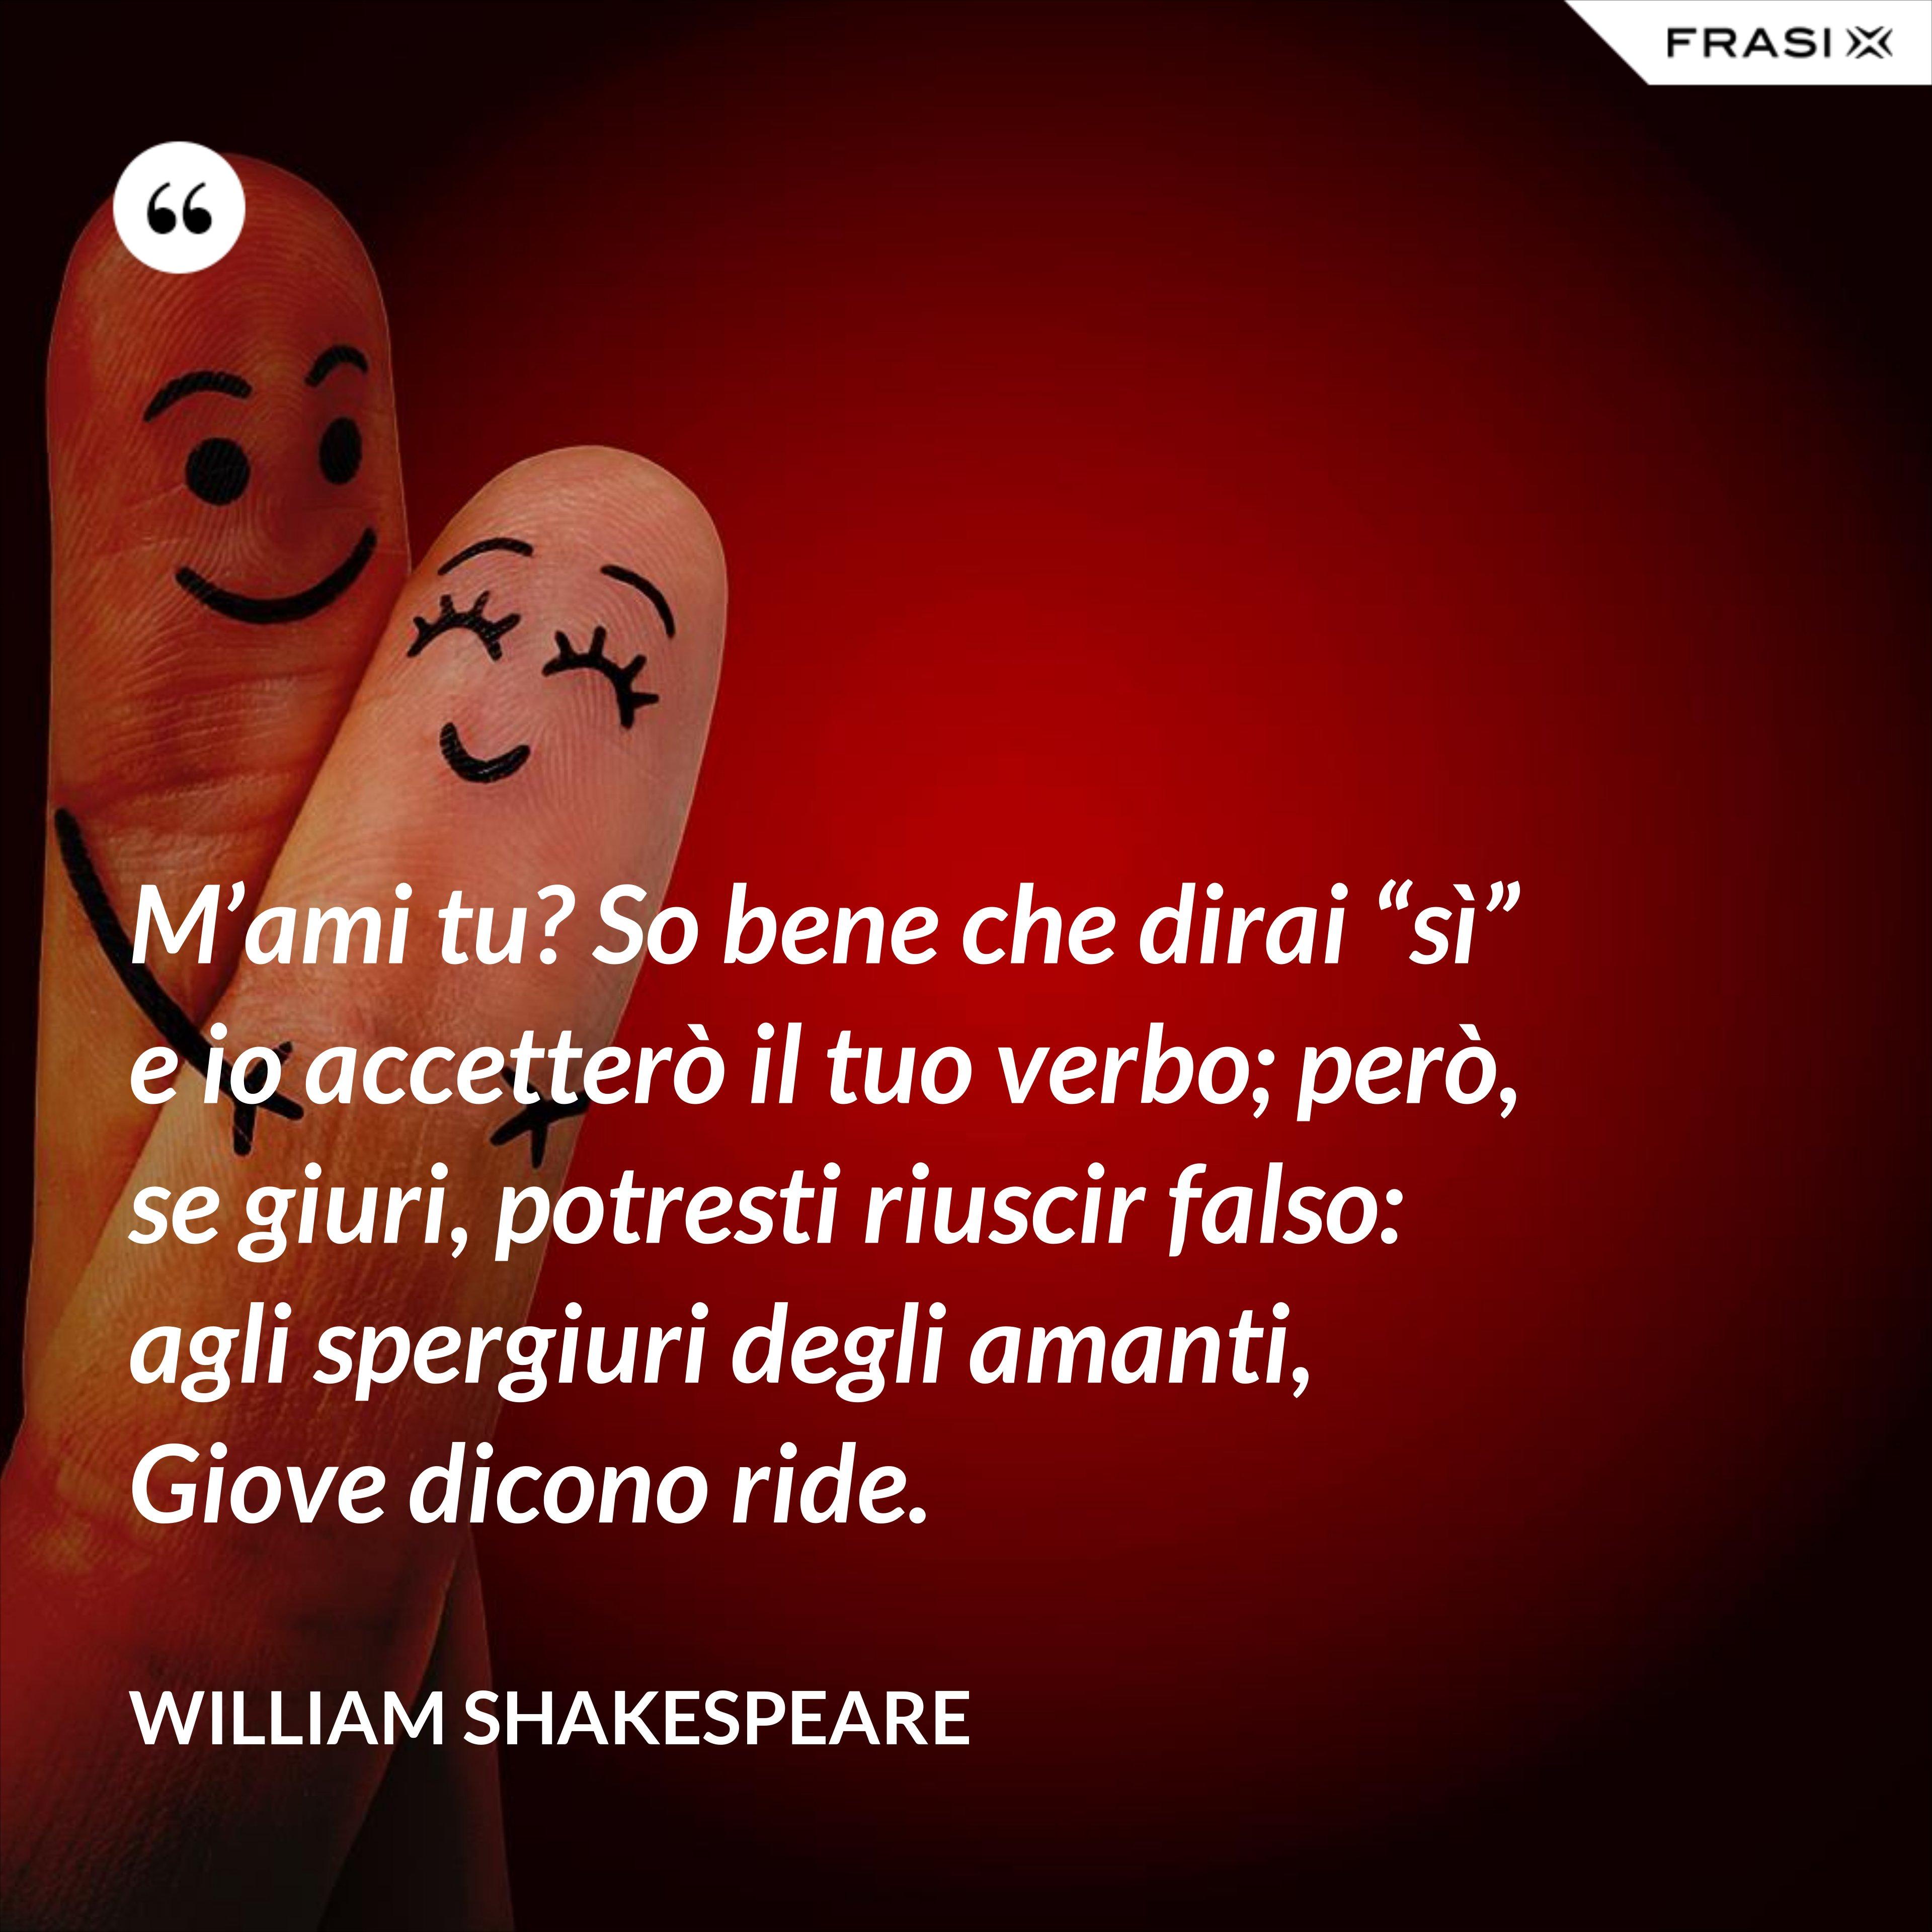 """M'ami tu? So bene che dirai """"sì"""" e io accetterò il tuo verbo; però, se giuri, potresti riuscir falso: agli spergiuri degli amanti, Giove dicono ride. - William Shakespeare"""